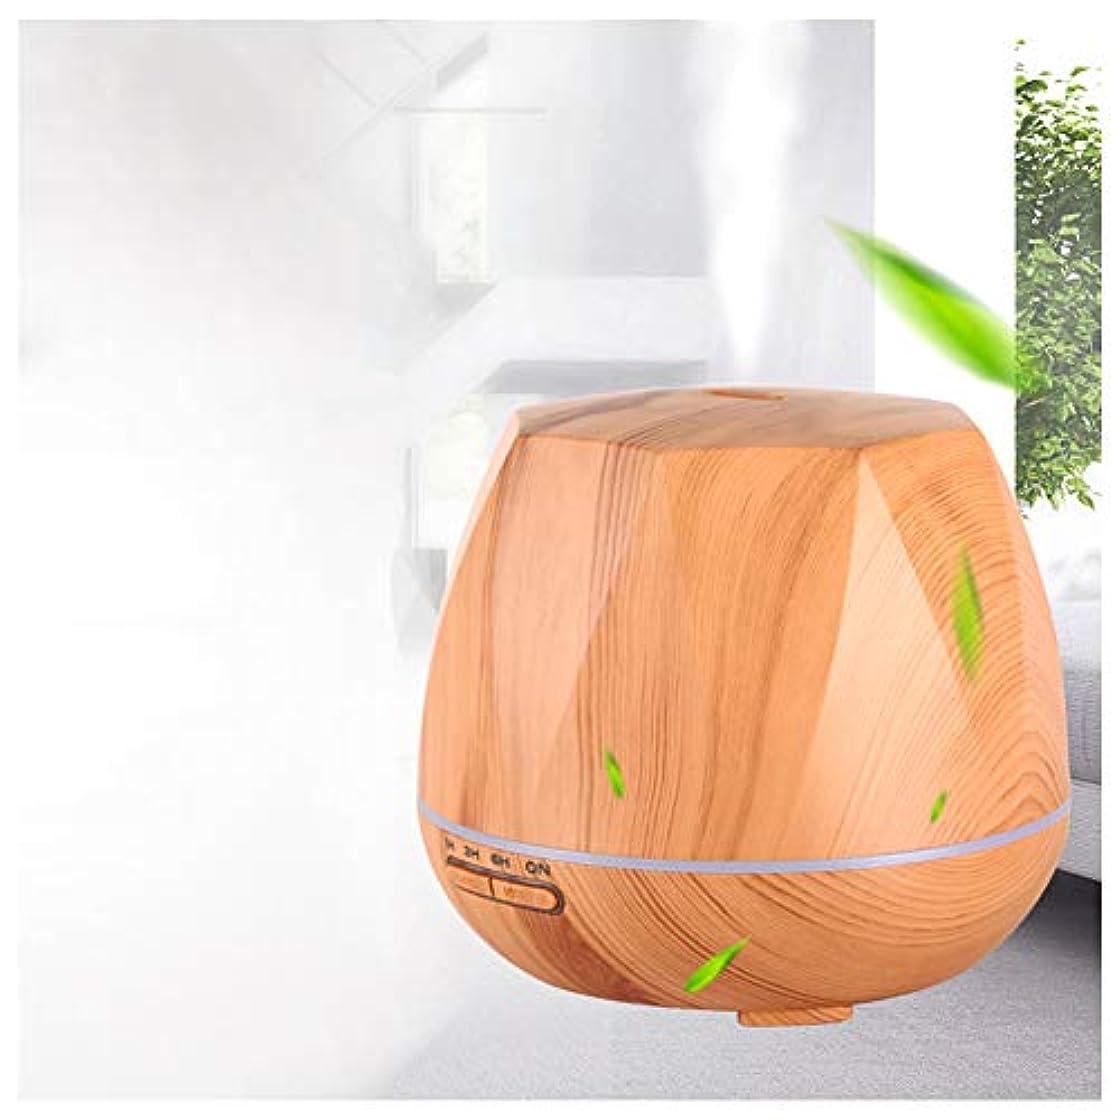 自伝乗算親密なエッセンシャルオイルディフューザー、高品質400ミリリットル木目超音波アロマセラピーアロマセラピーオイルディフューザー蒸発器加湿器、7色香りランプ、静かな操作、ホームオフィスヨガスパに適